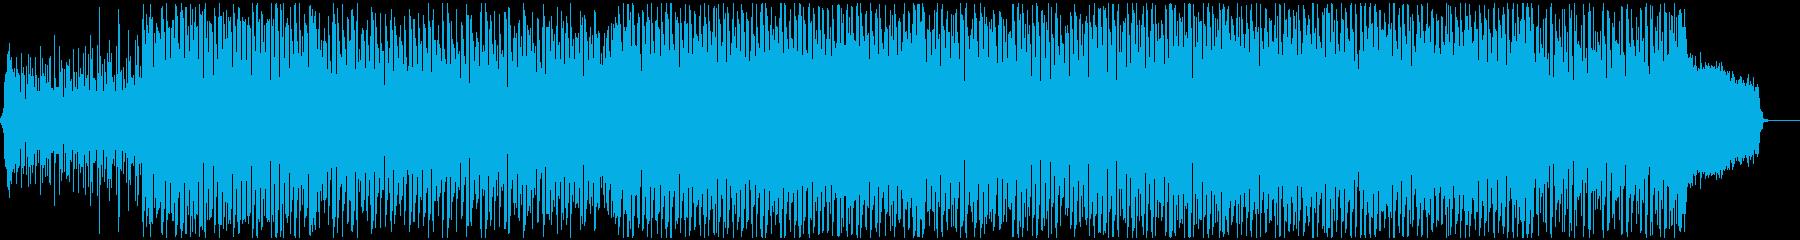 可愛らしいダンスポップ2 フル歌の再生済みの波形